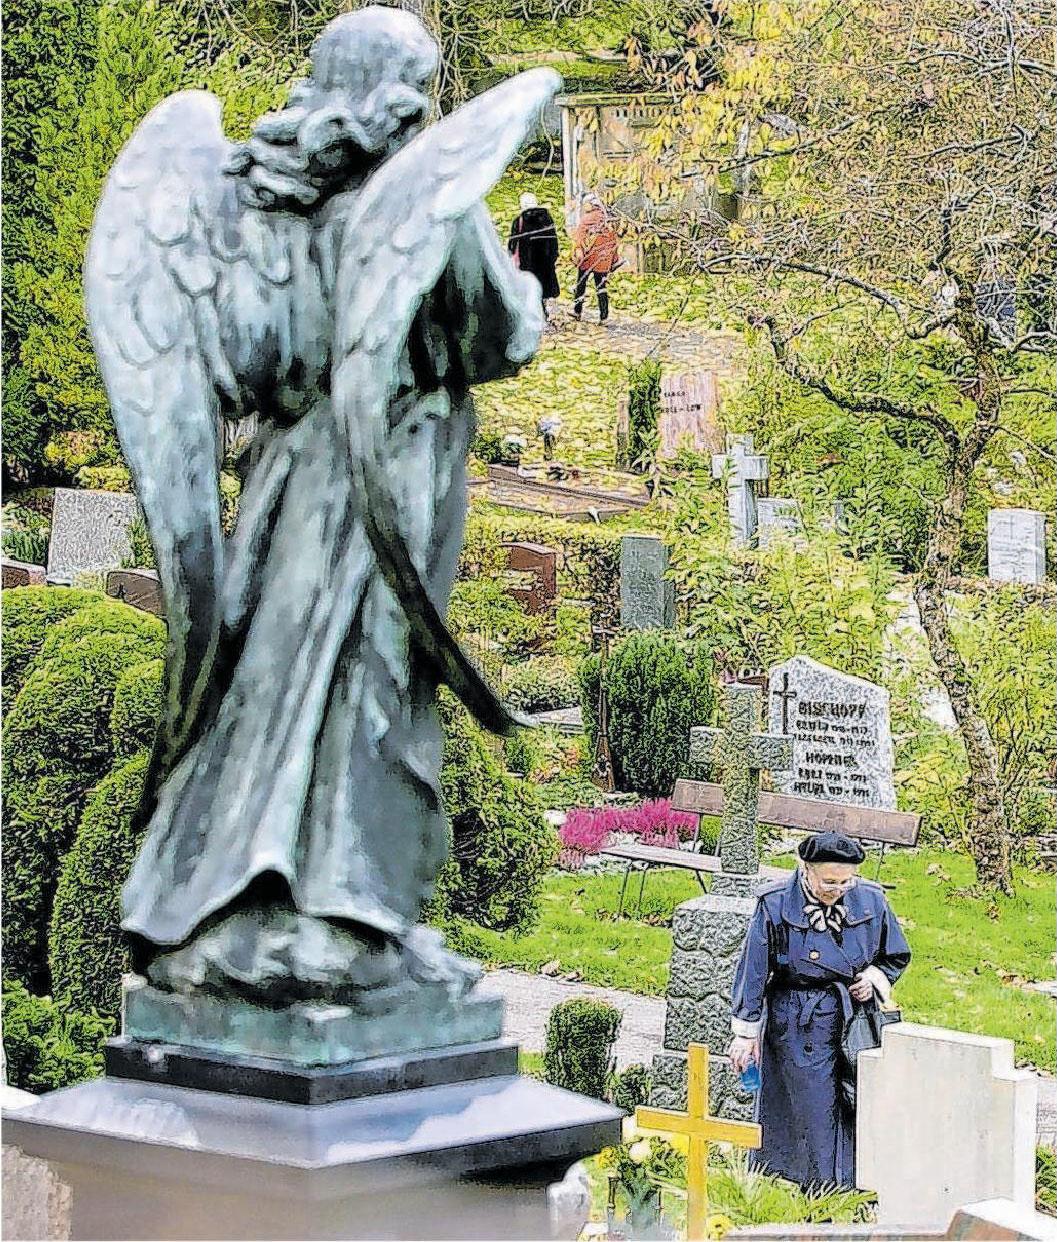 Besuche am Grab helfen vielen Hinterblieben, die Trauer zu bewältigen. Fotos: Archiv